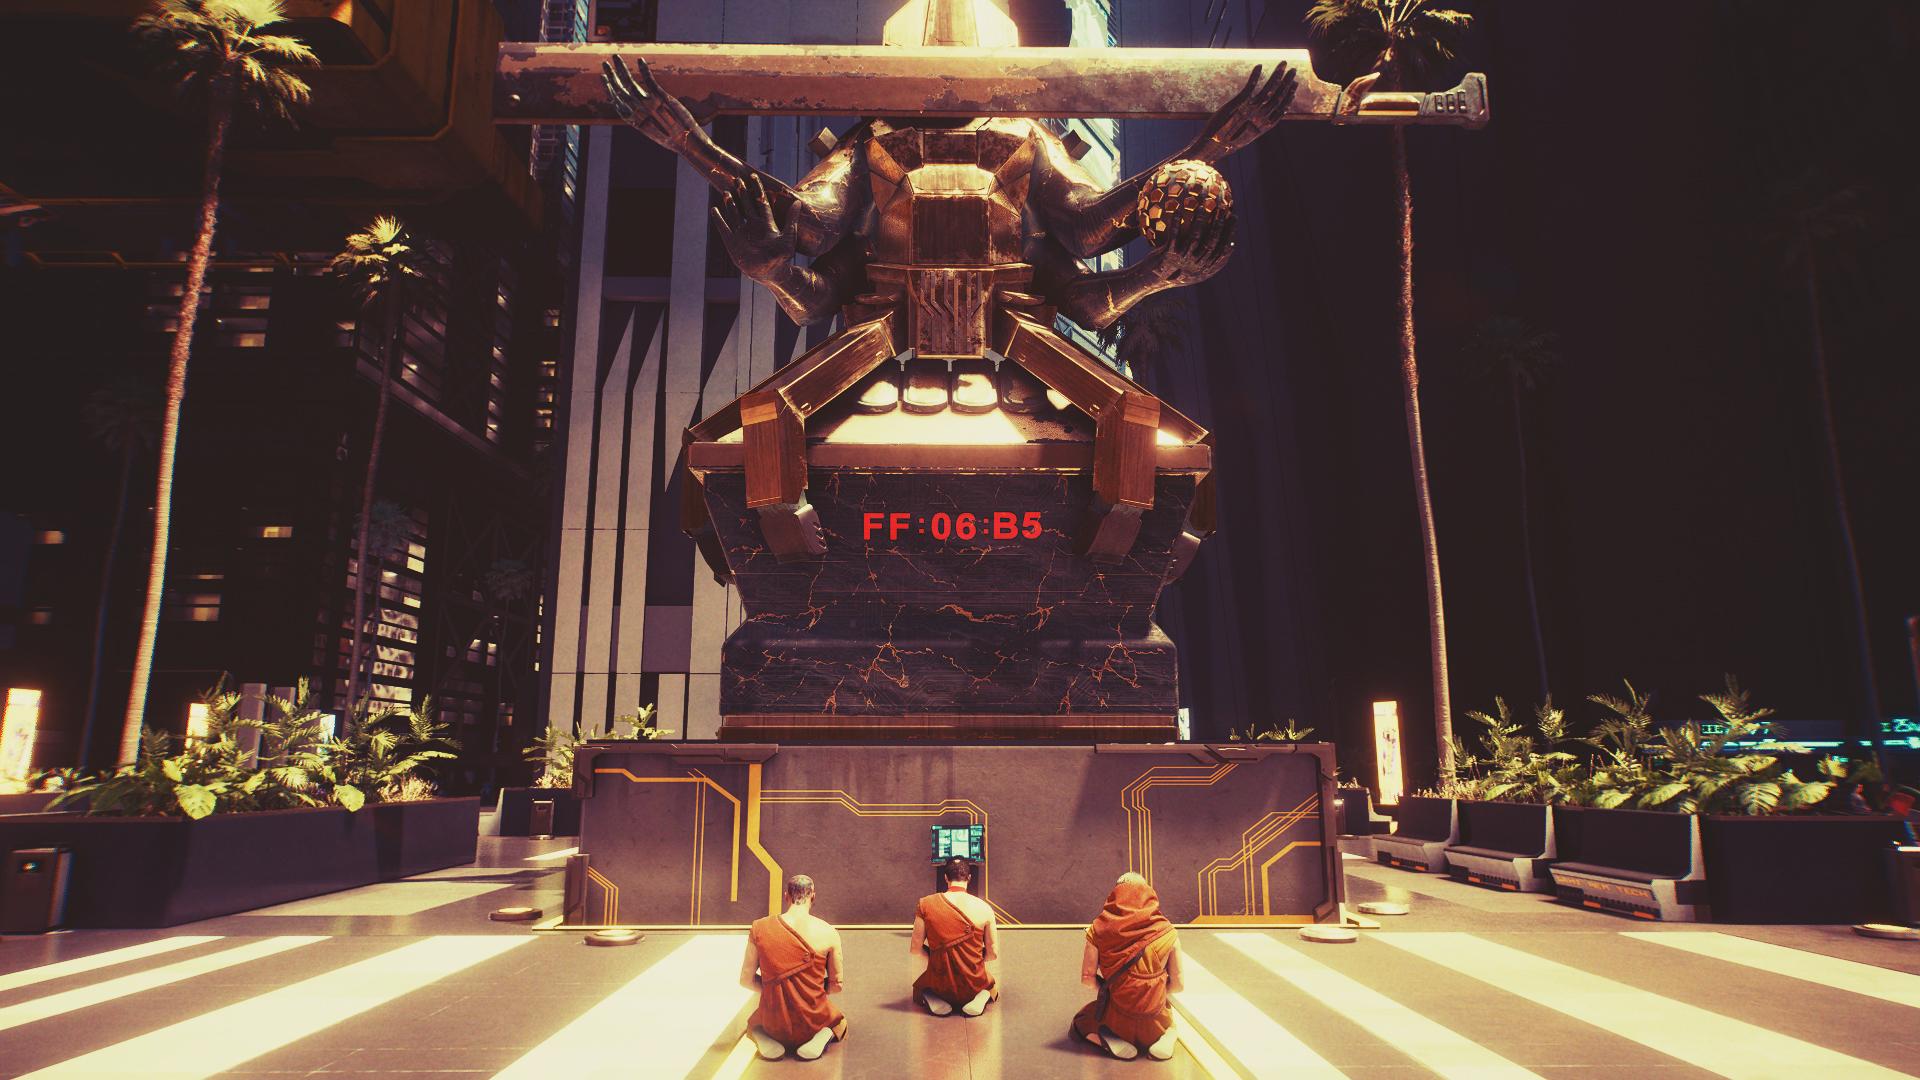 6 больших вопросов к CD Projekt RED после видео с извинениями за Cyberpunk 2077